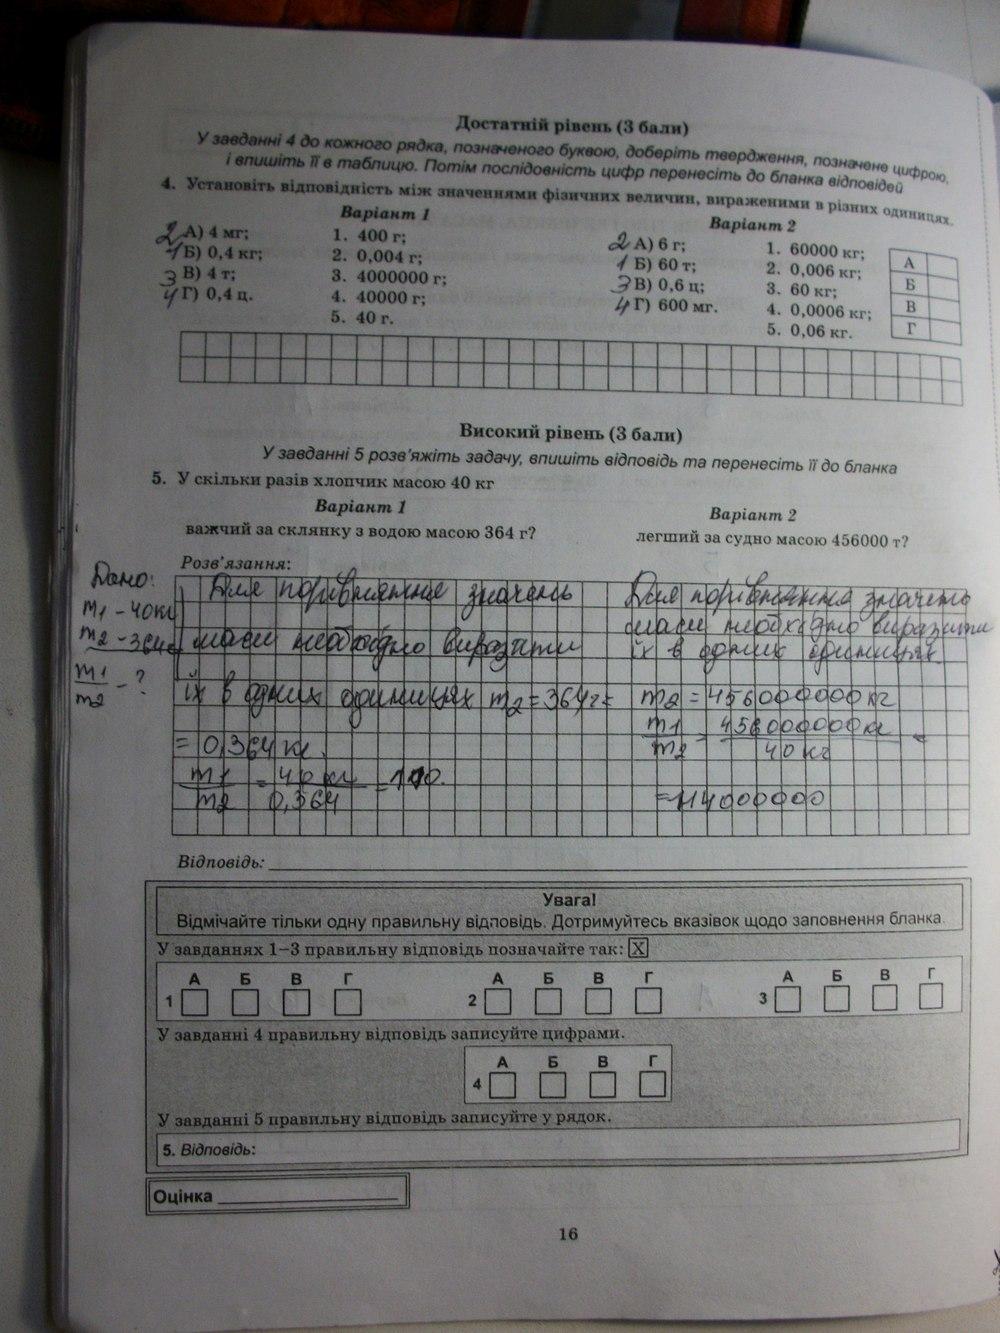 ГДЗ по физике 7 класс Чертіщева М. О.. Задание: стр. 16